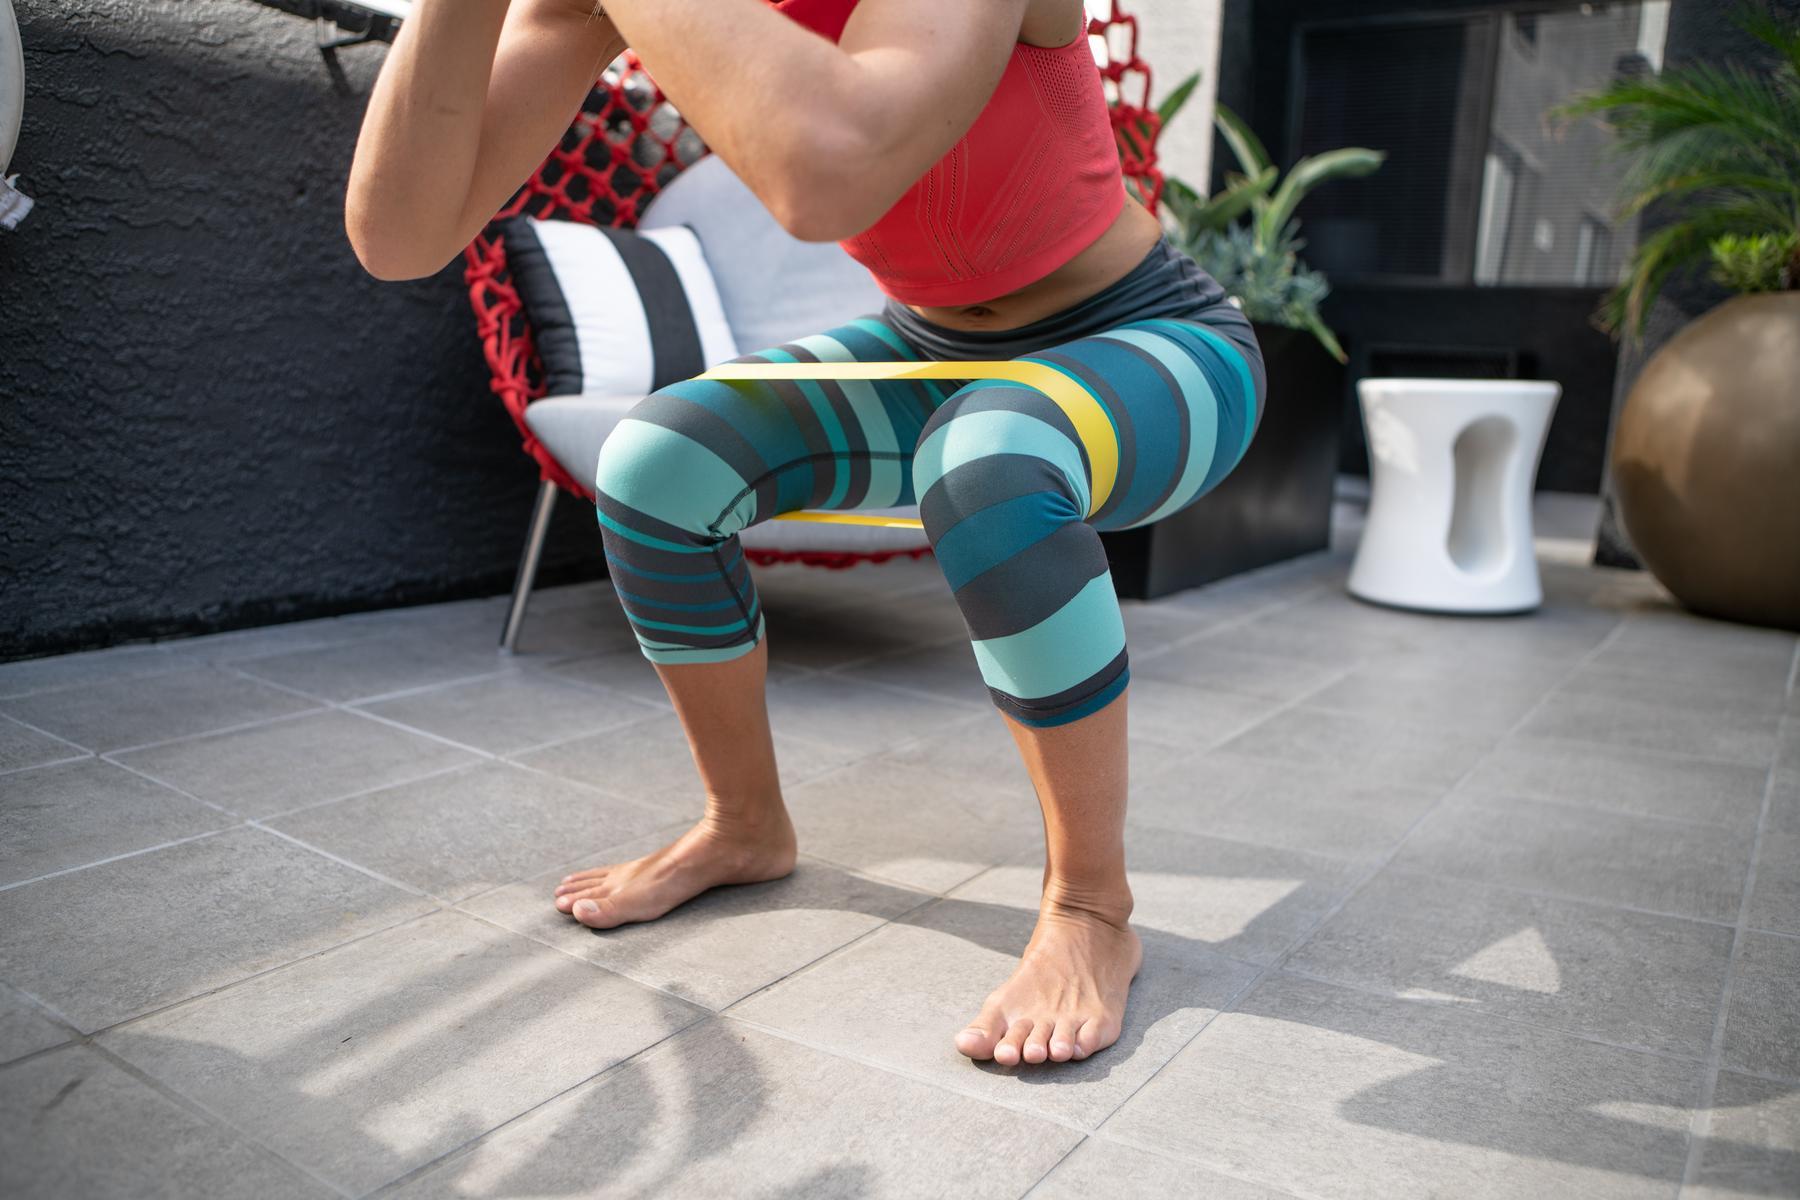 Wie du ein Ganzkörper-Workout mit Widerstandsbändern absolvieren kannst